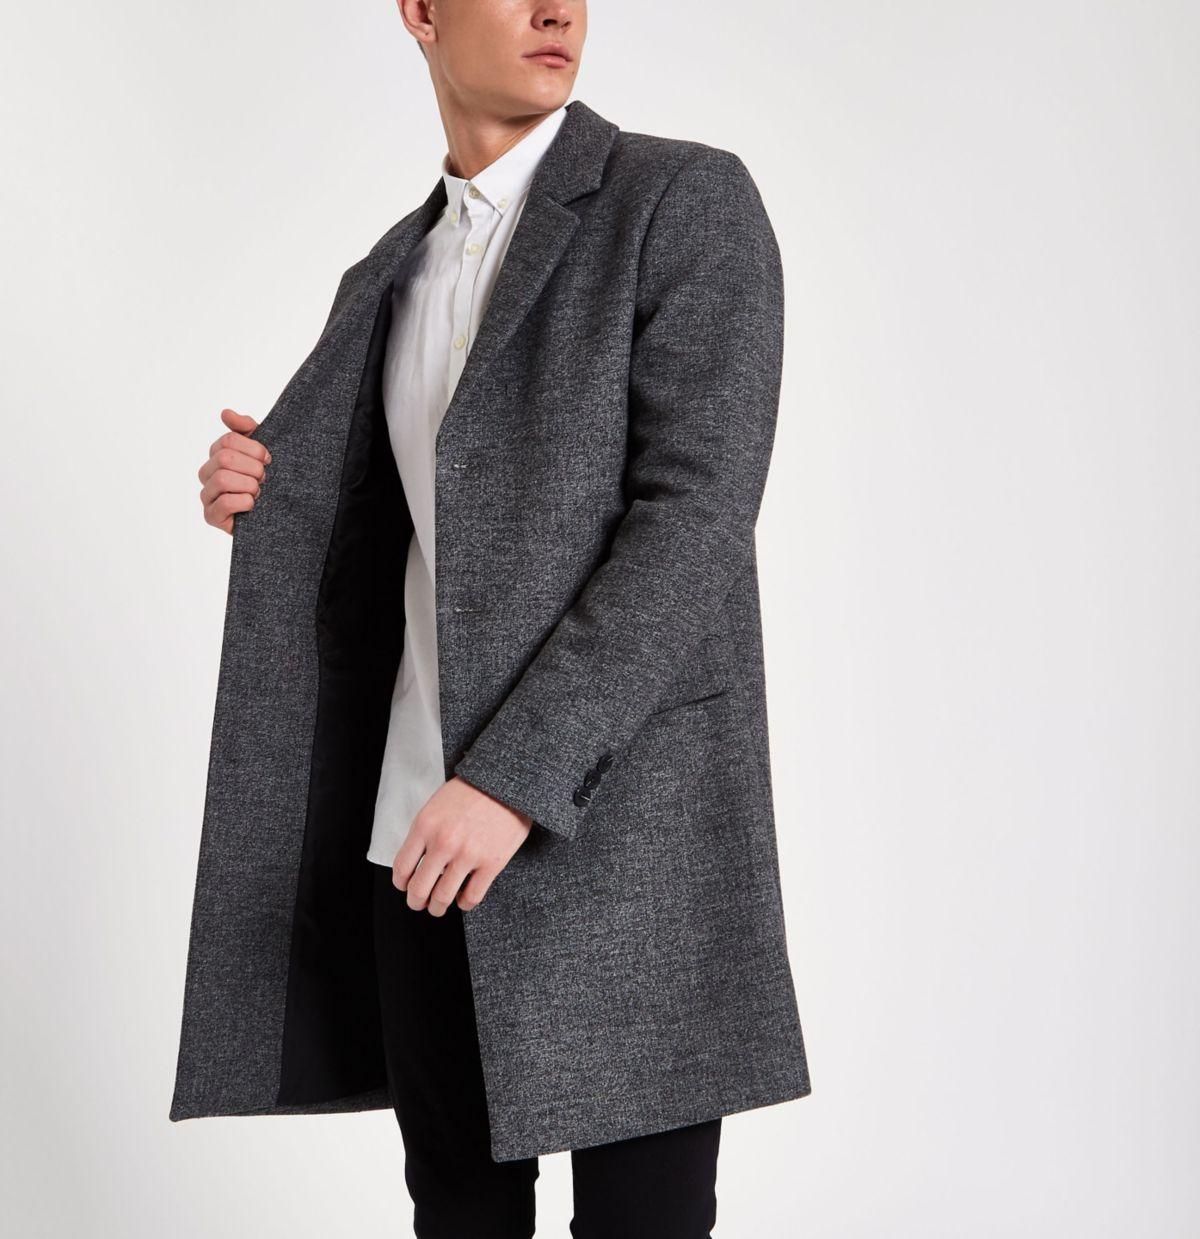 Grey smart tailored overcoat